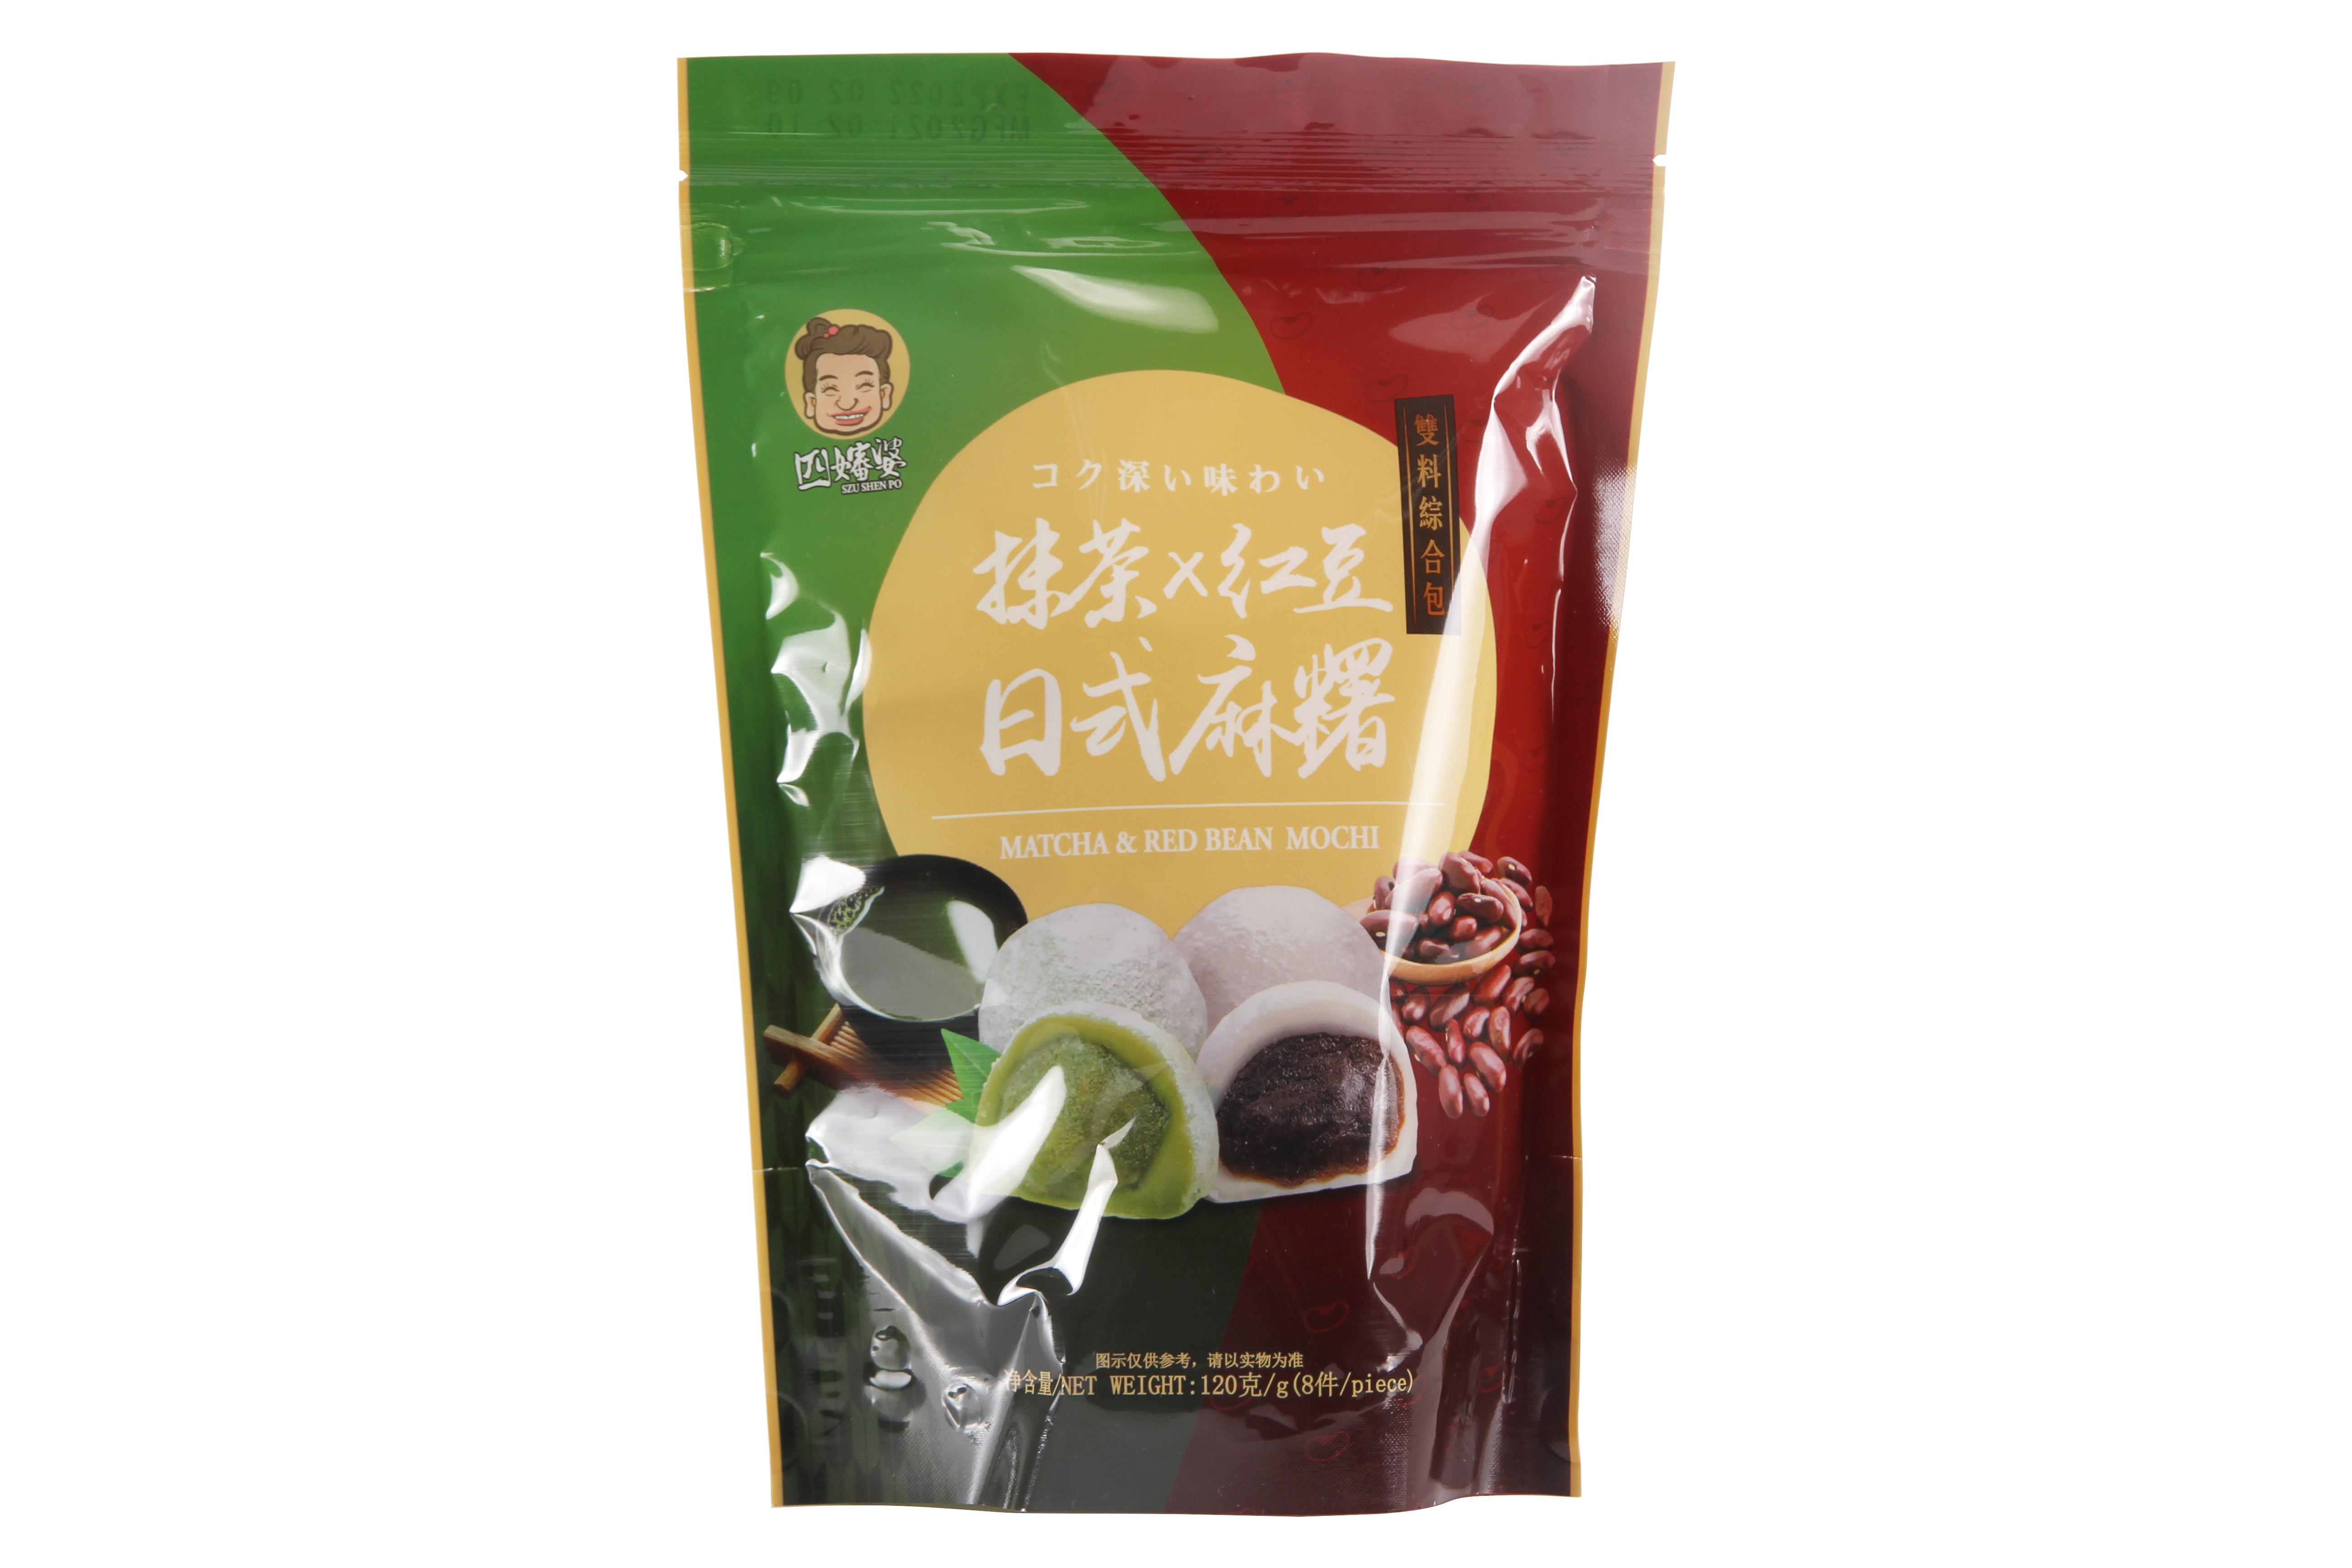 四婶婆抹茶红豆日式麻薯(8粒*15克)